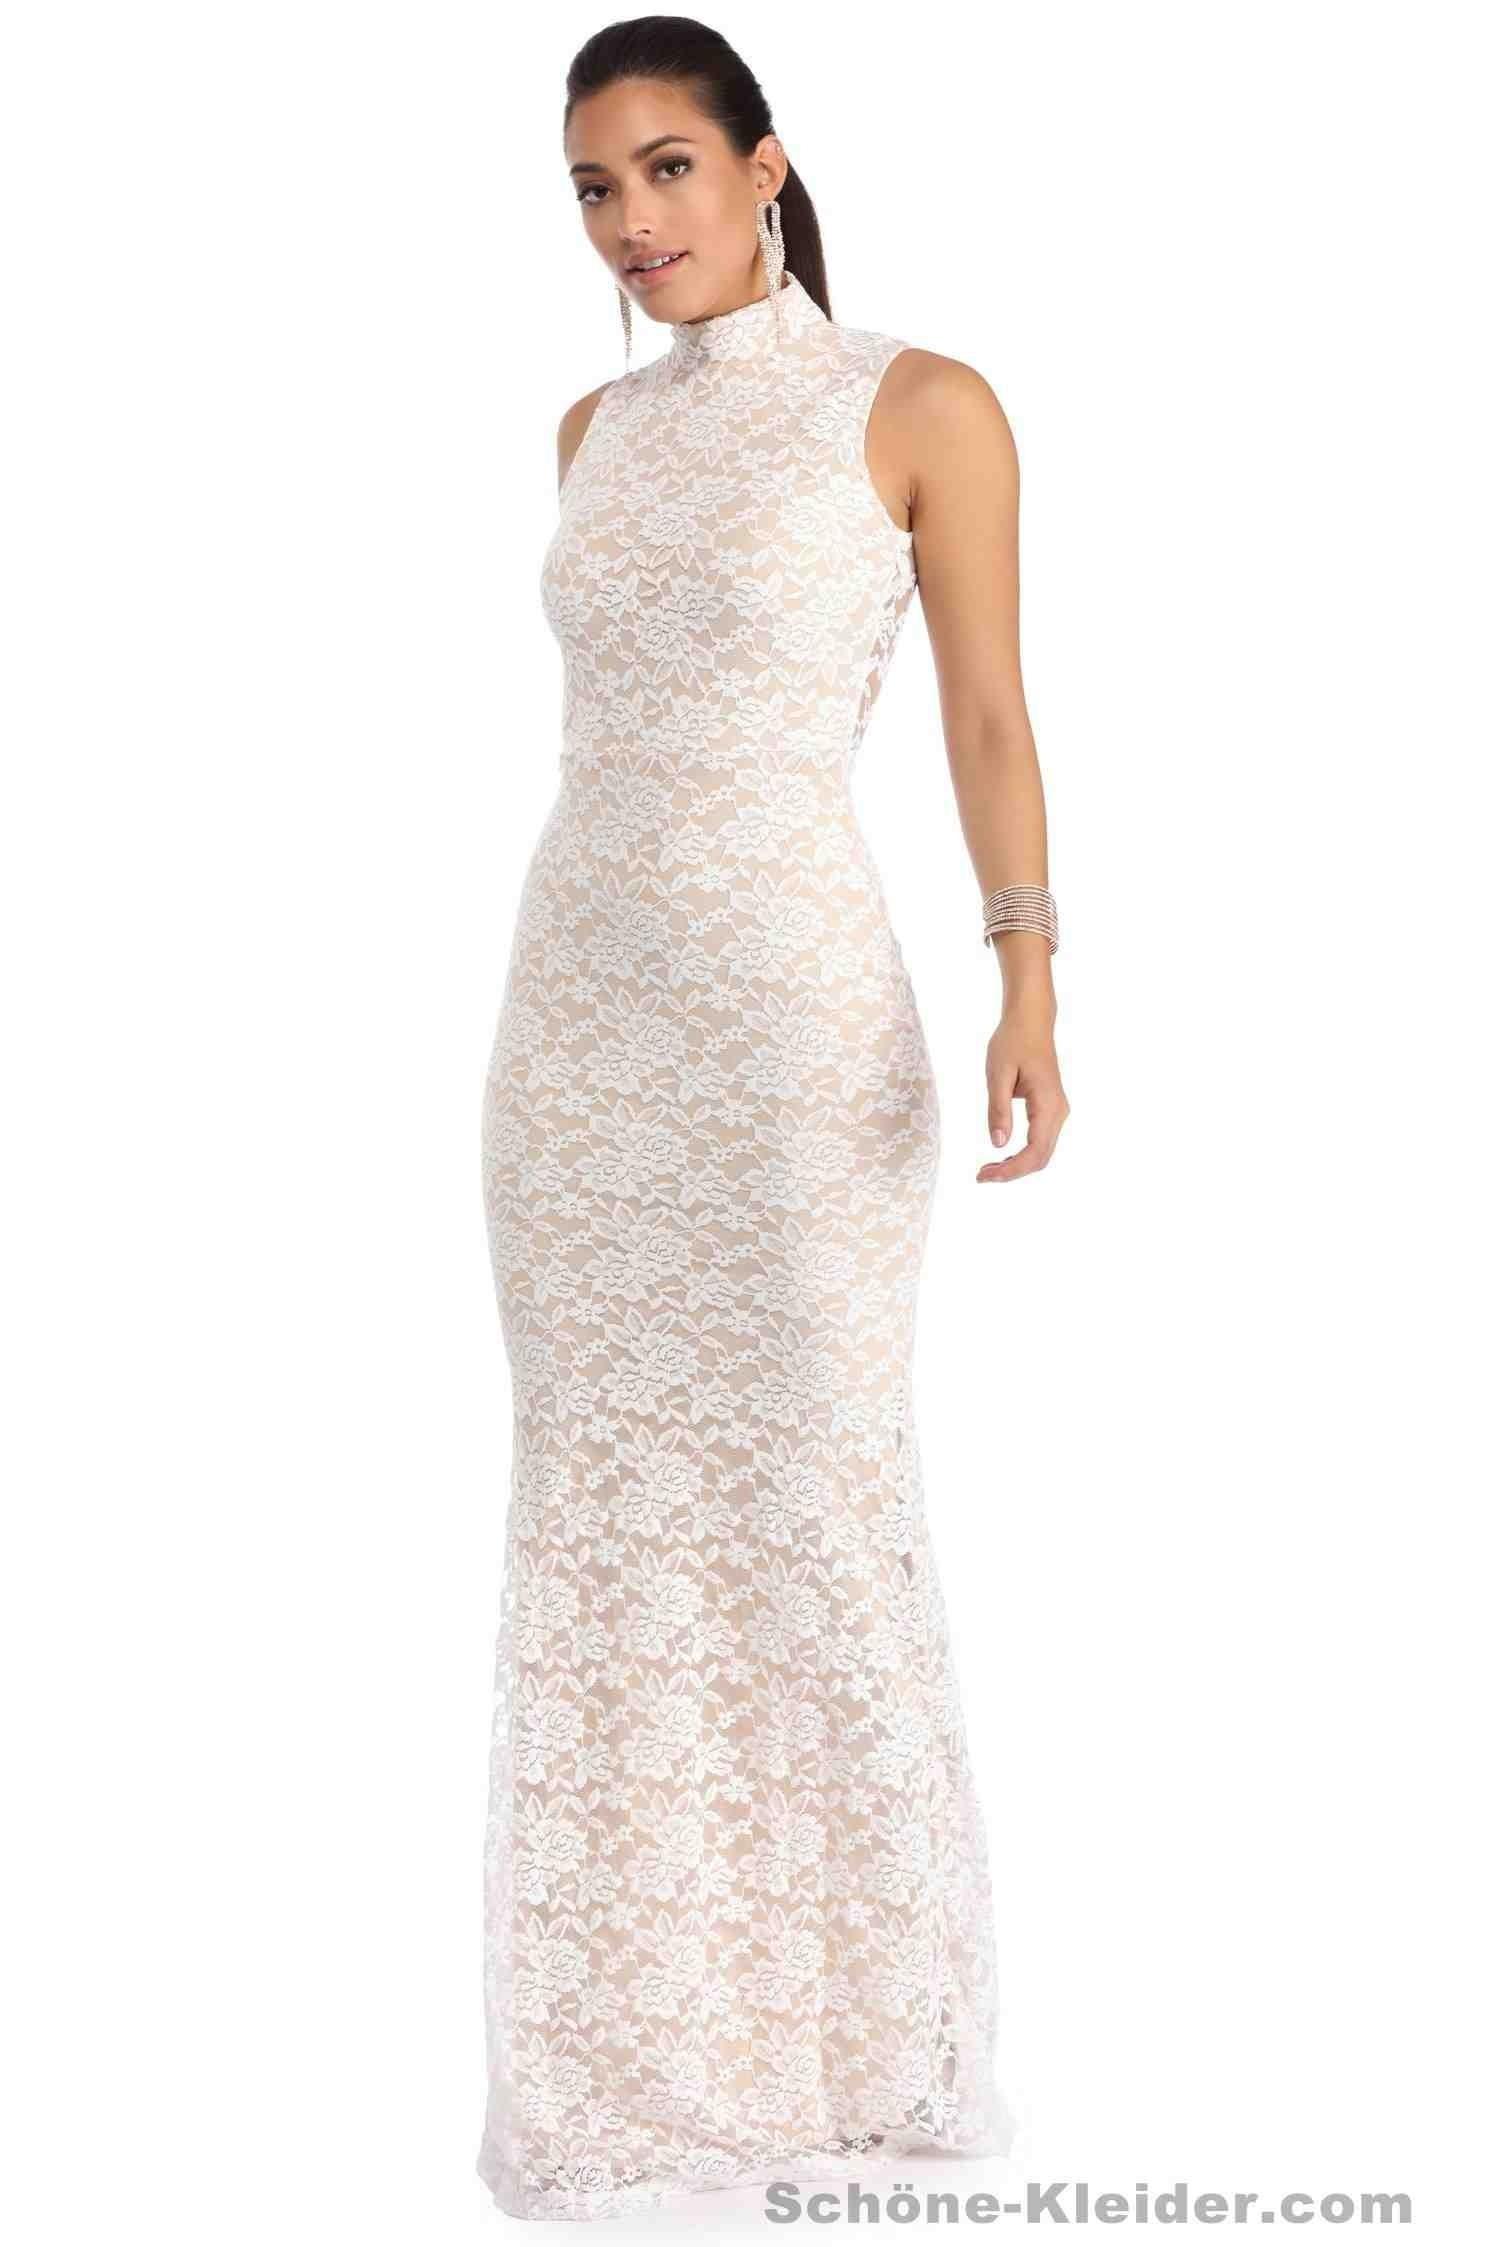 Designer Einfach Schicke Kleider Lang Spezialgebiet10 Elegant Schicke Kleider Lang Vertrieb